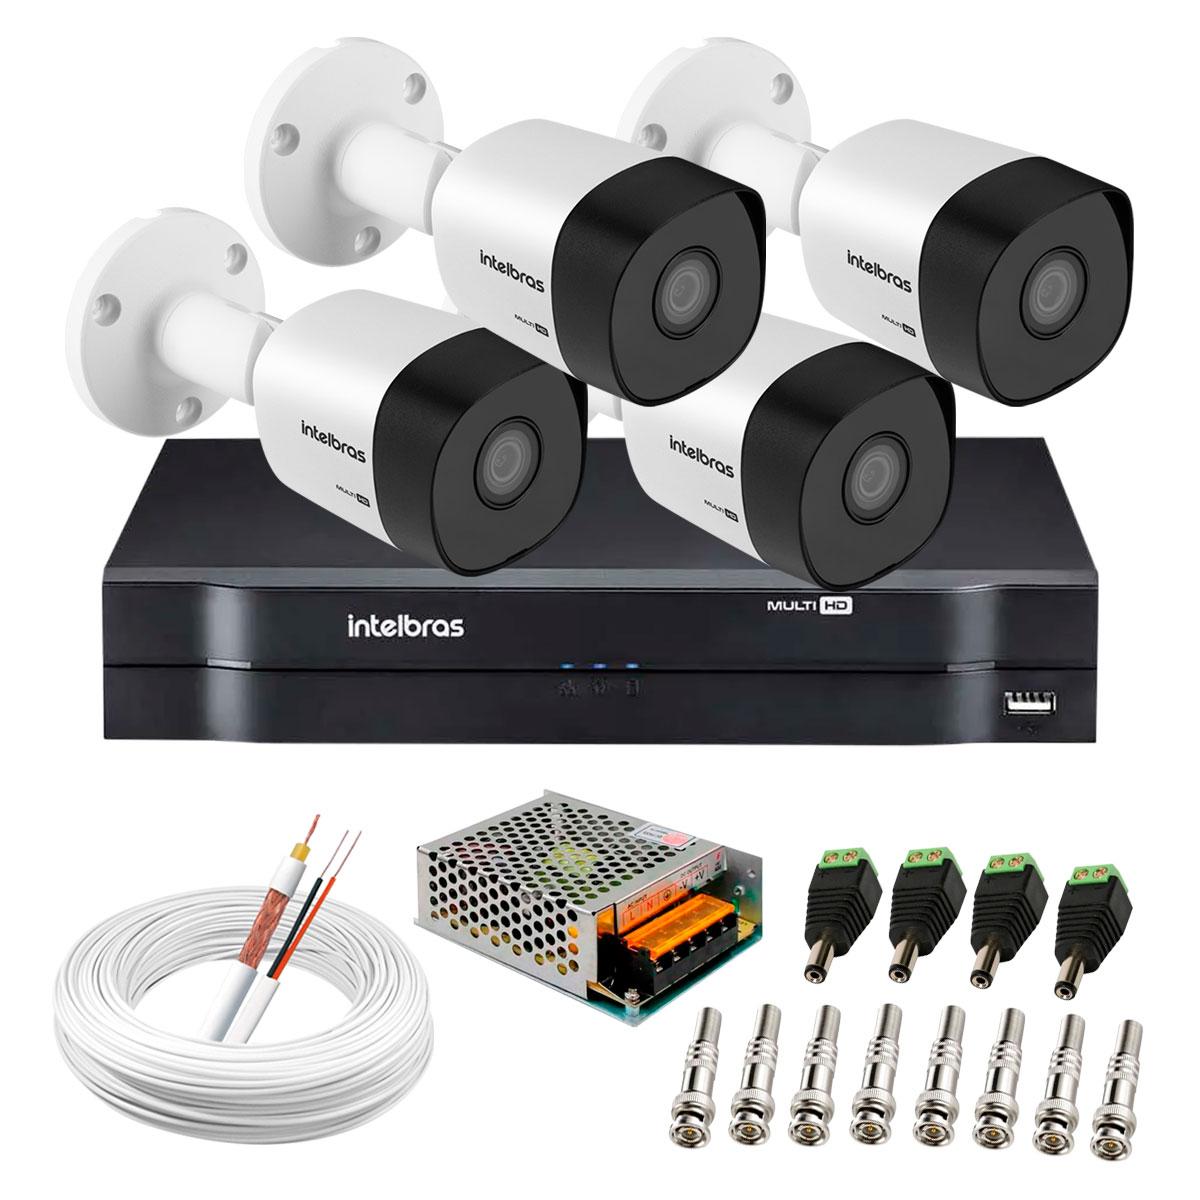 kit-4-cameras-vhd-3130-b-g6-dvr-intelbras-app-gratis-de-monitoramento-cameras-hd-720p-30m-infravermelho-de-visao-noturna-intelbras-fonte-cabos-e-acessorios